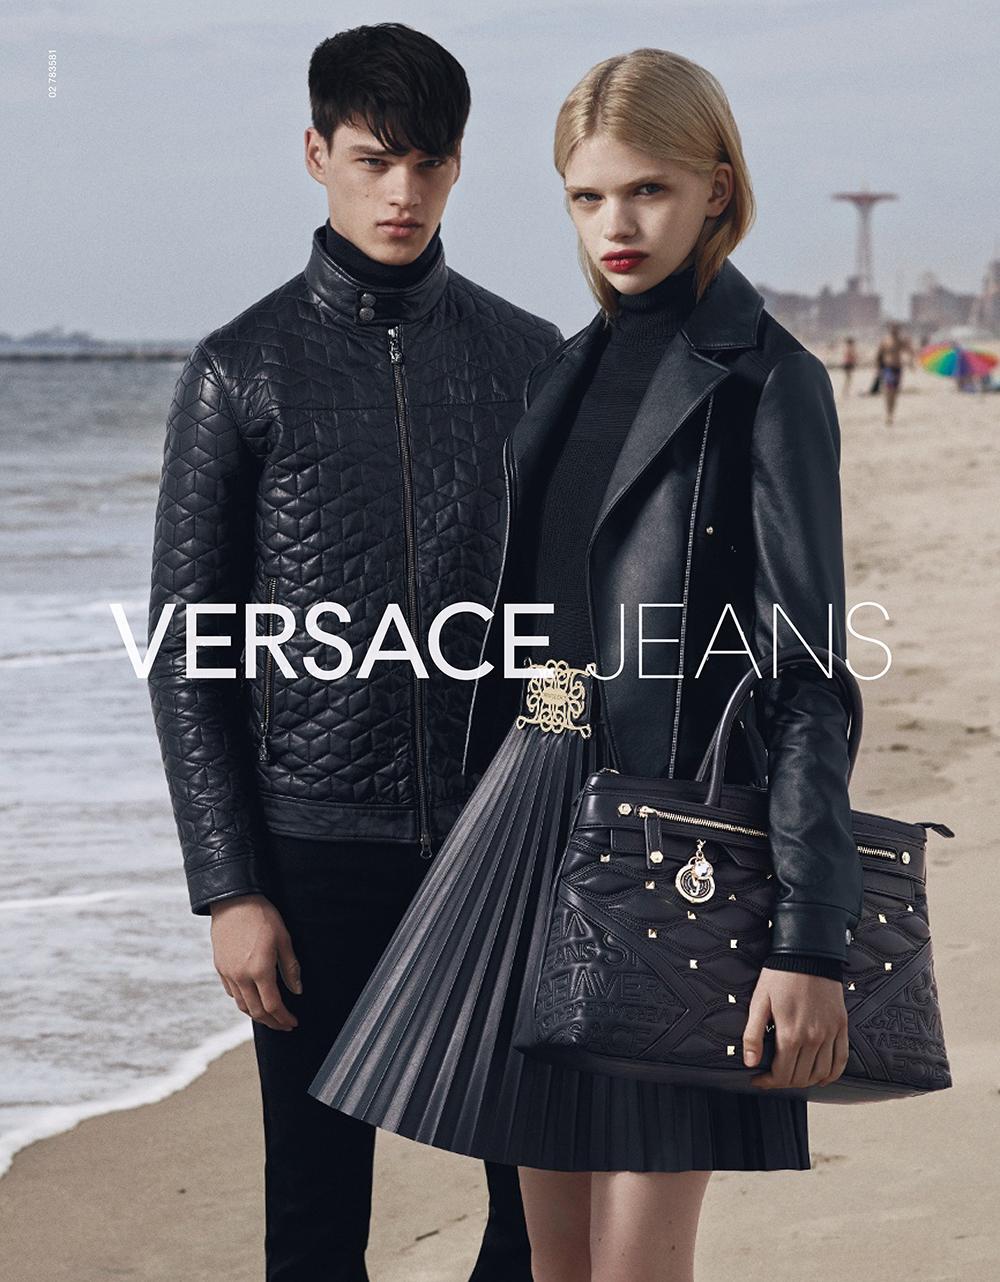 versace-jeans_1.jpg